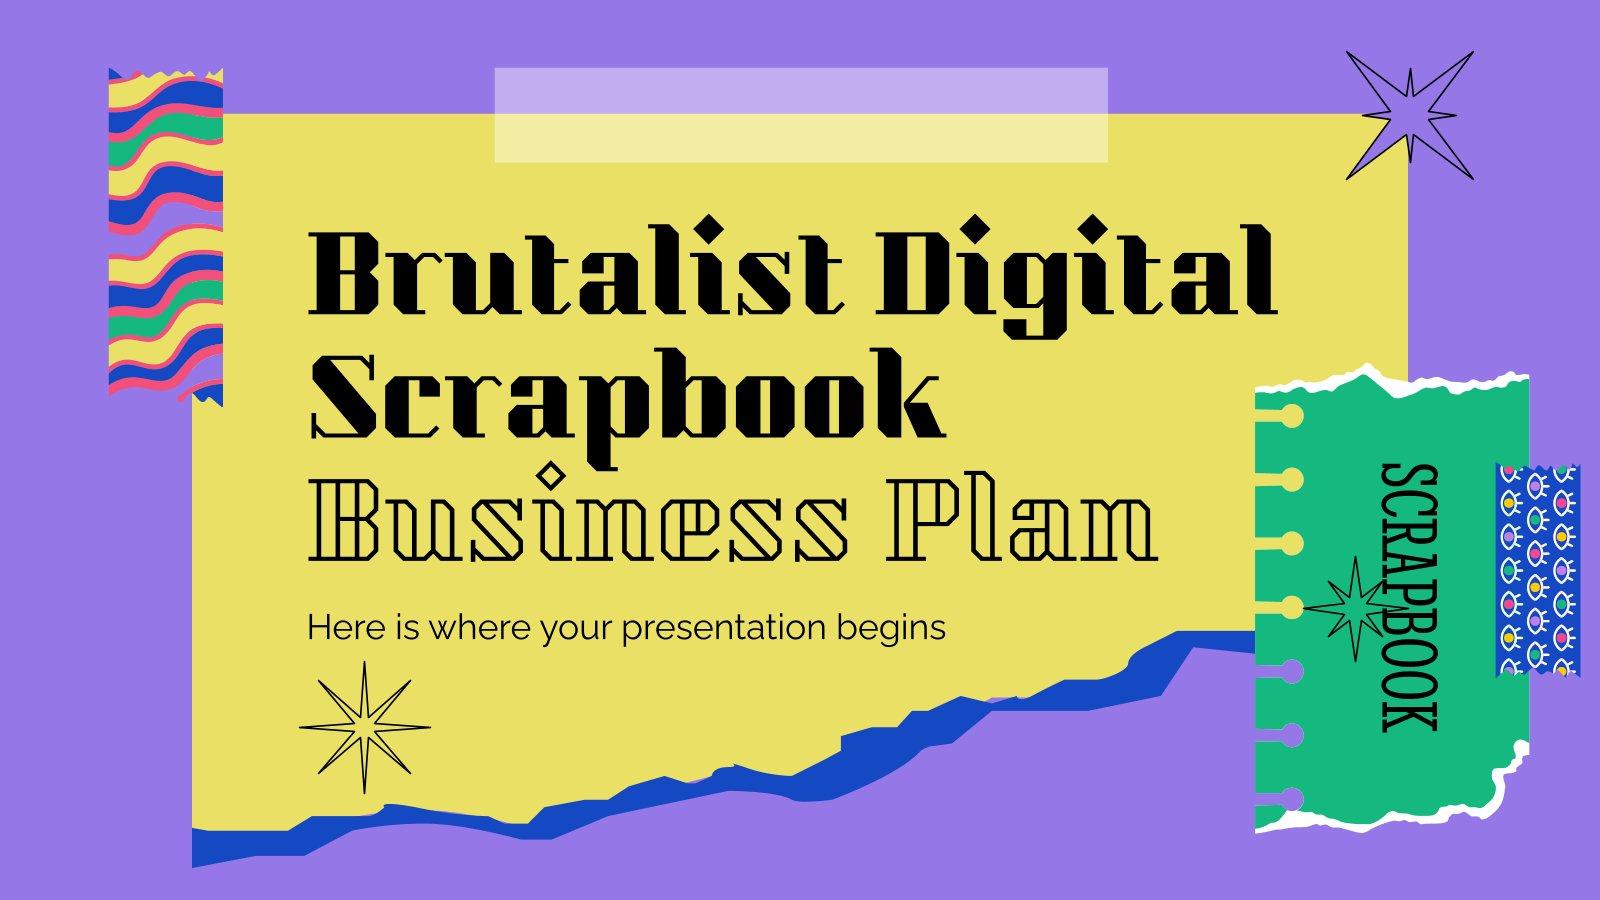 Modelo de apresentação Plano de negócios digital brutalista de scrapbook